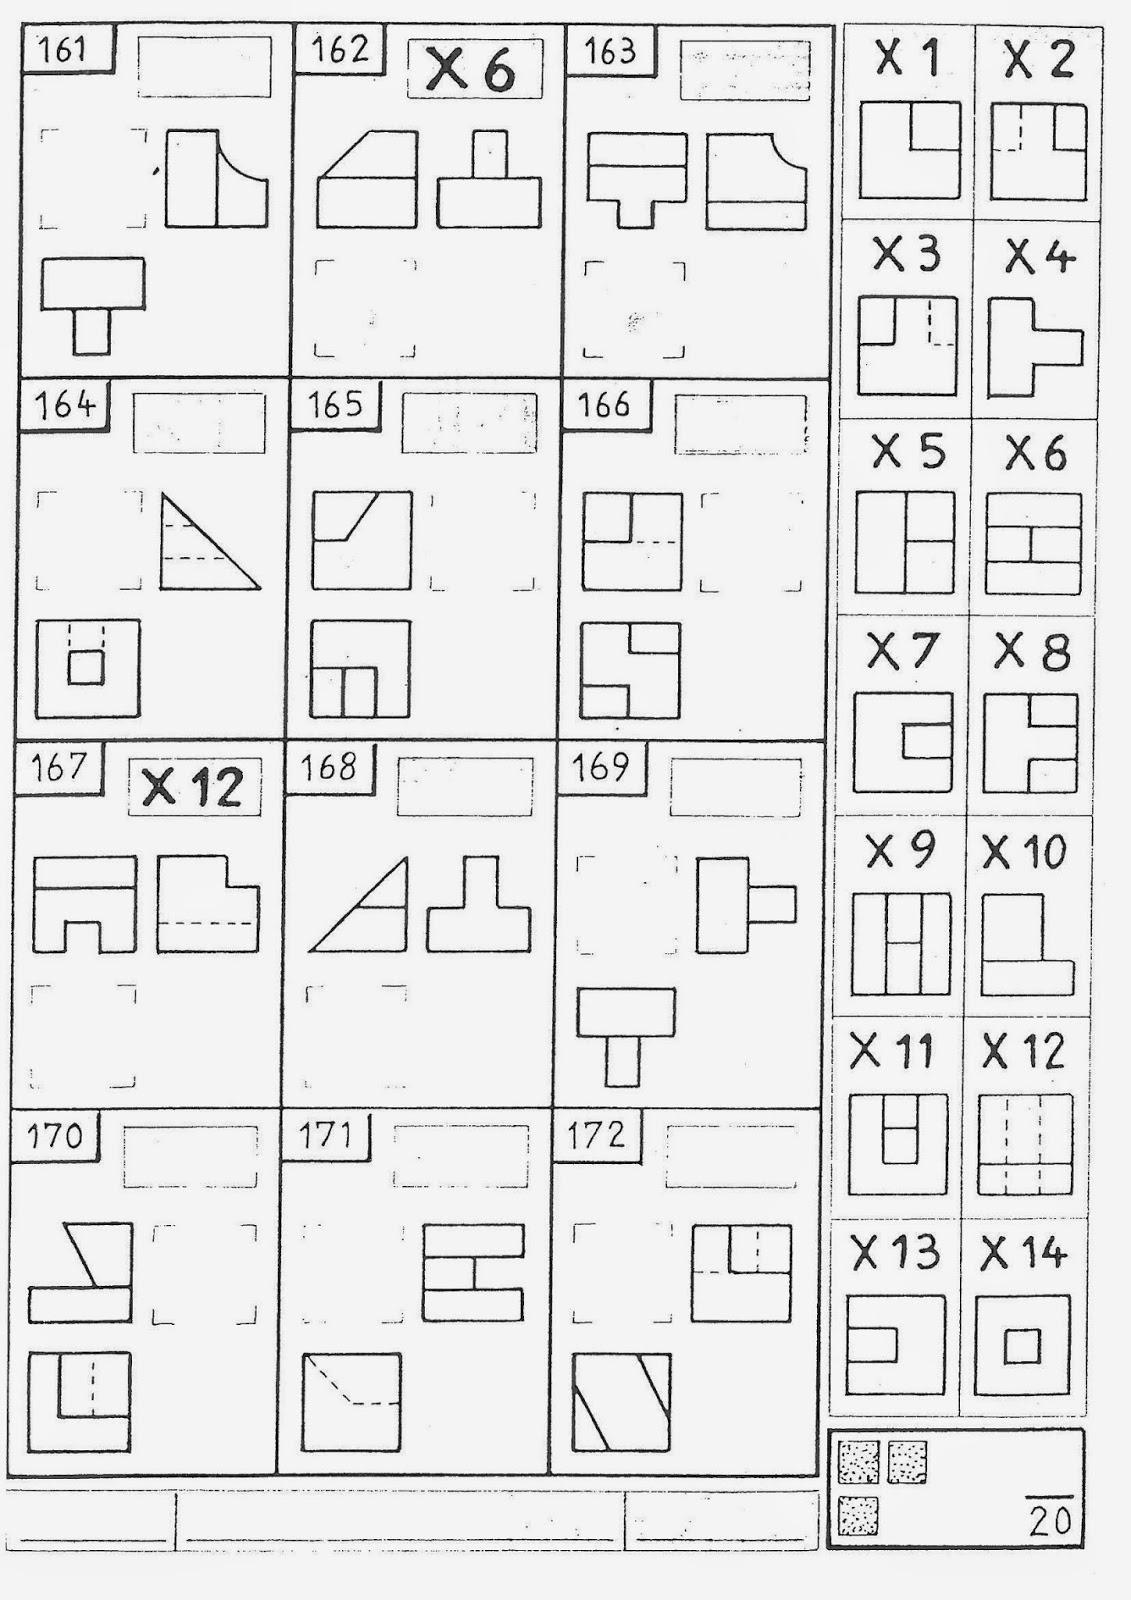 http://www.cours-examens.org/images/An_2017_1/Etudes_superieures/Dessin/insa/A_dessin_technique.pdf